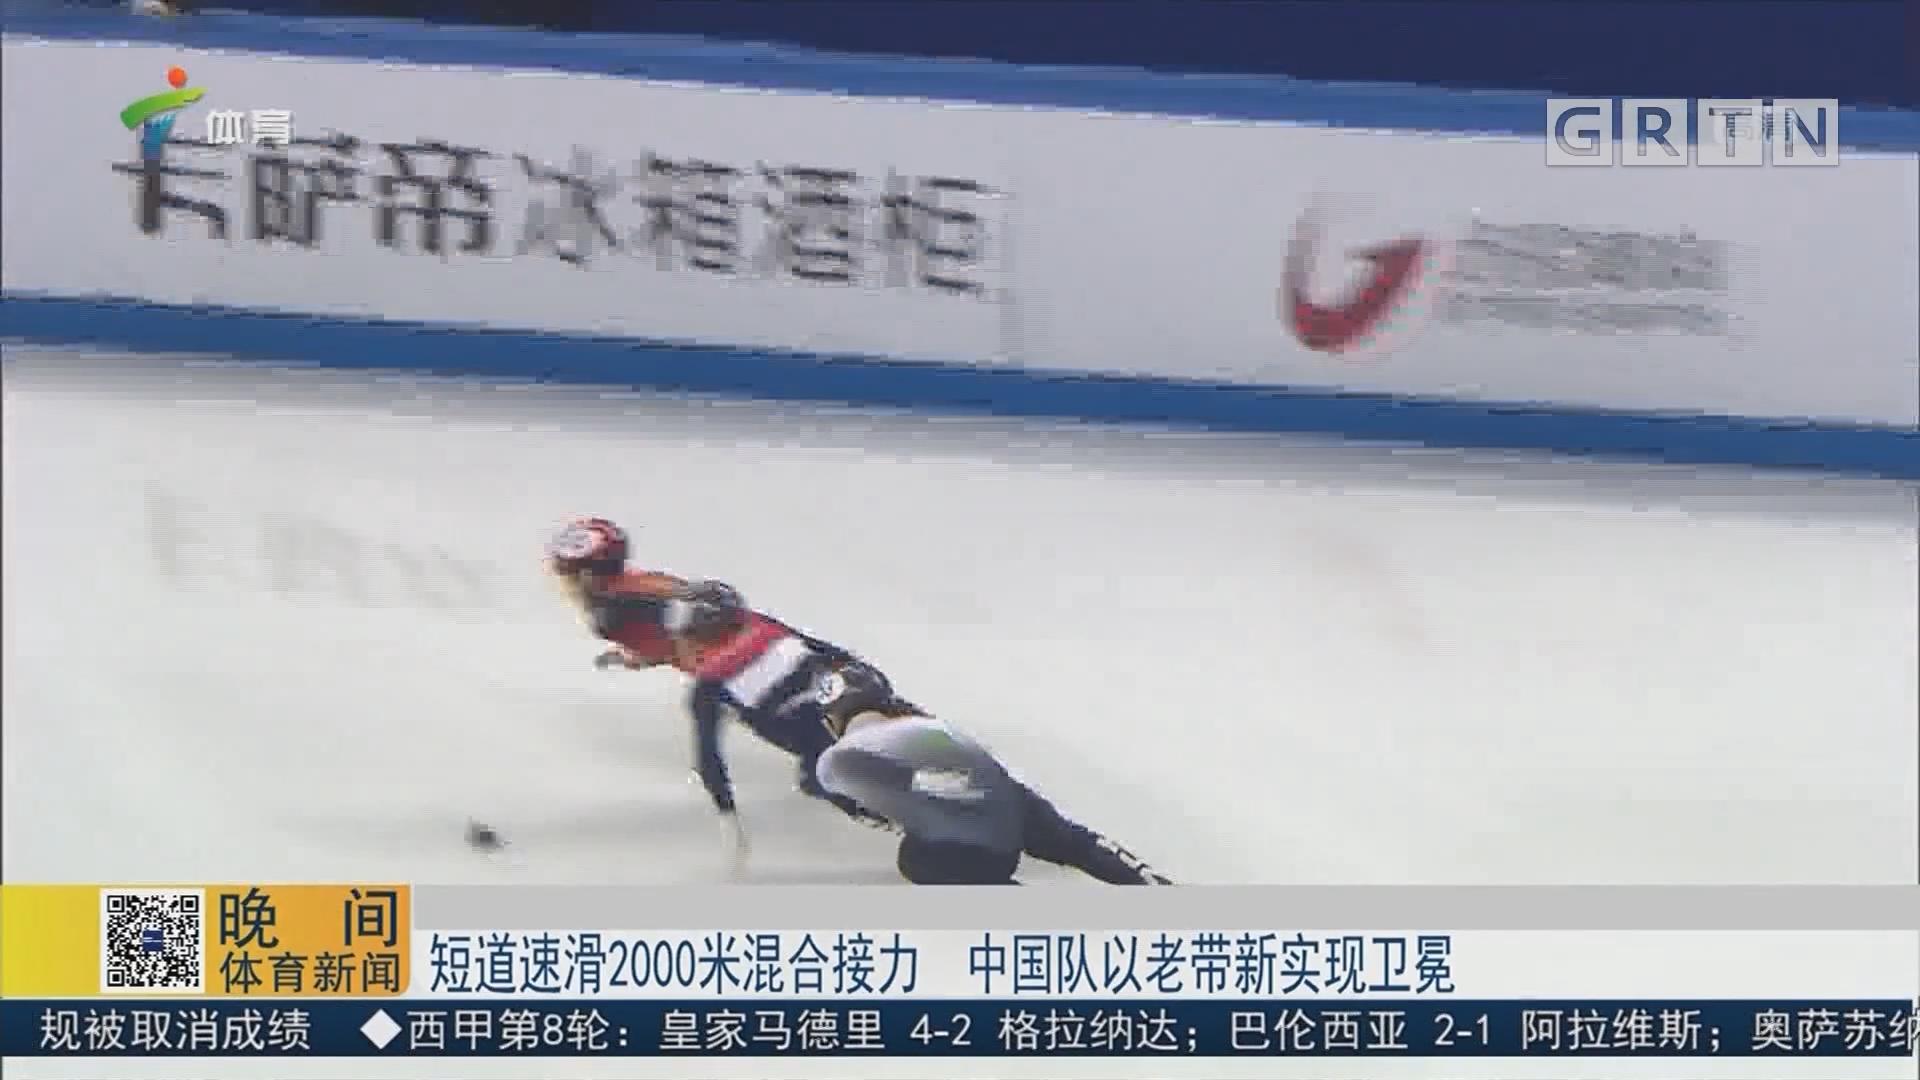 短道速滑2000米混合接力 中国队以老带新实现卫冕